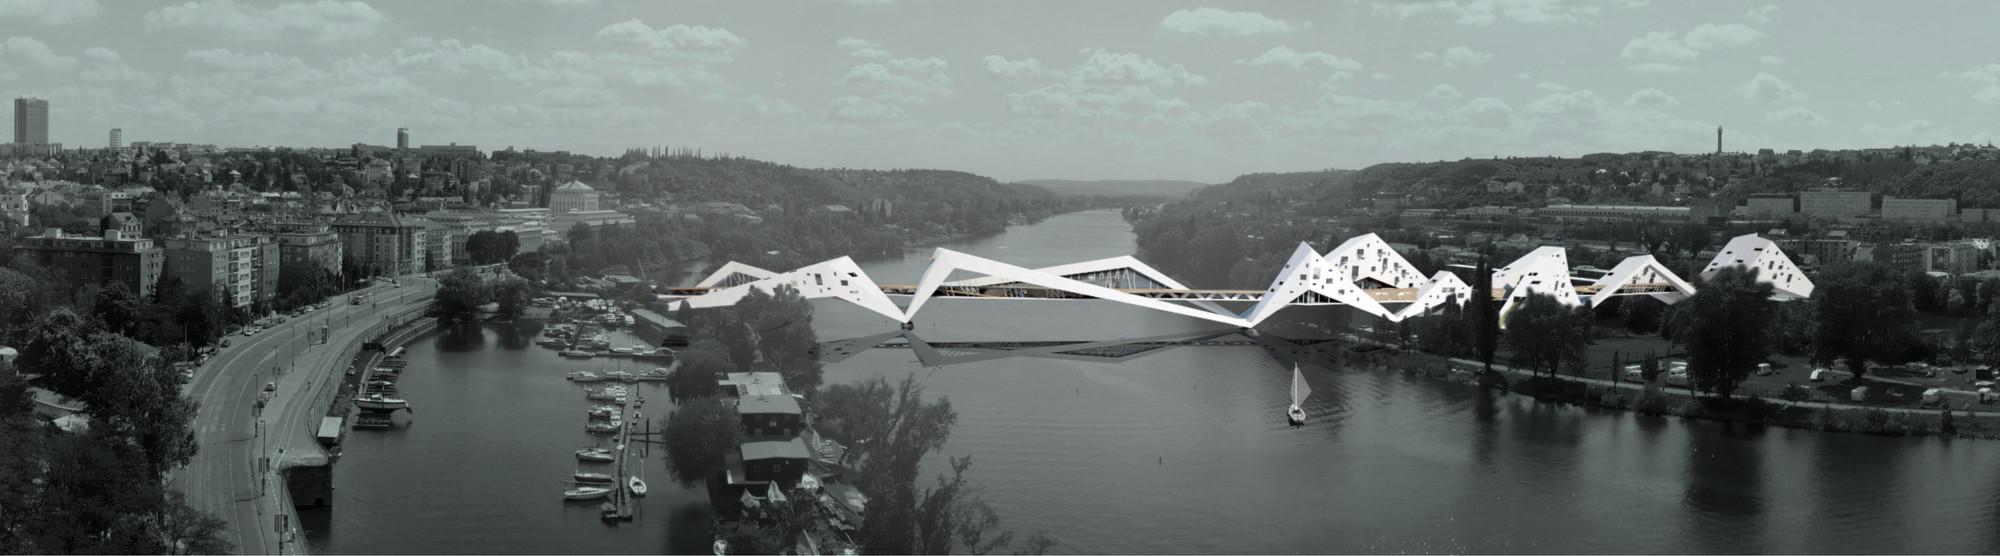 'Prague: Bridge-Building over the Vltava River' Competition Entry / Juráš Lasovský, Courtesy of Juráš Lasovský